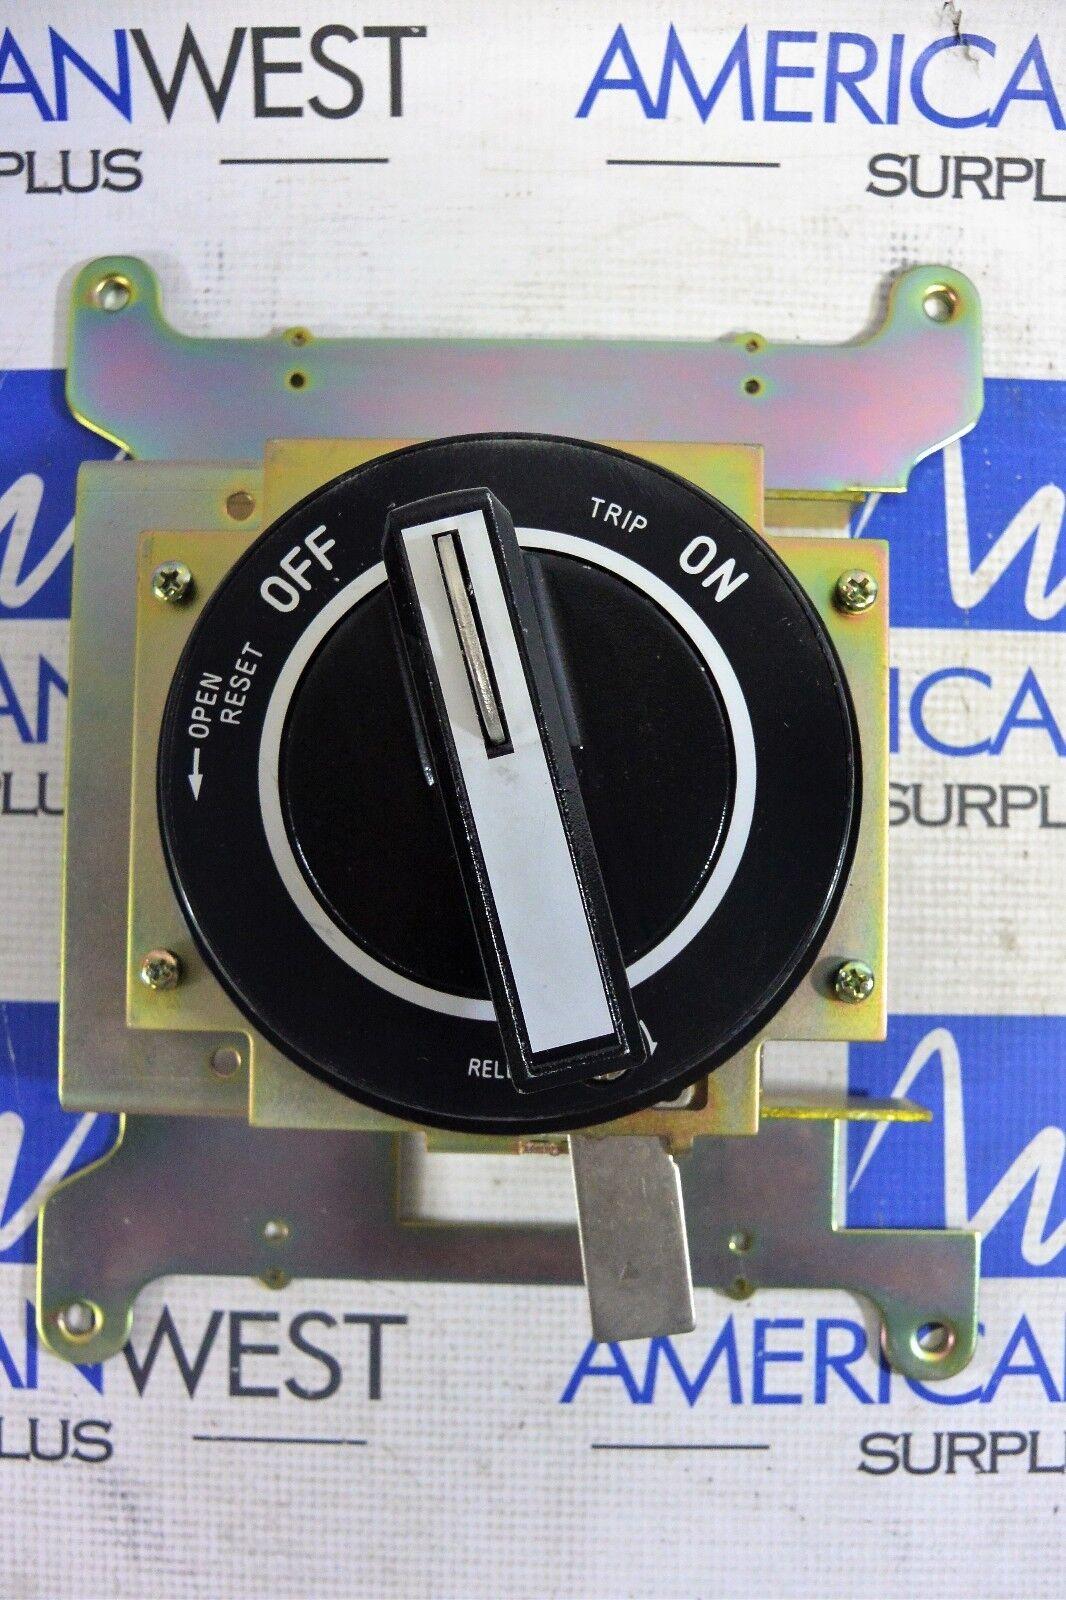 Interruptor de circuito N-41A-Q A-Q-00905 FUJI Auto Interruptor mecanismo de operador N-41 A-Q-00905 N-41A-Q Nuevo 090f92